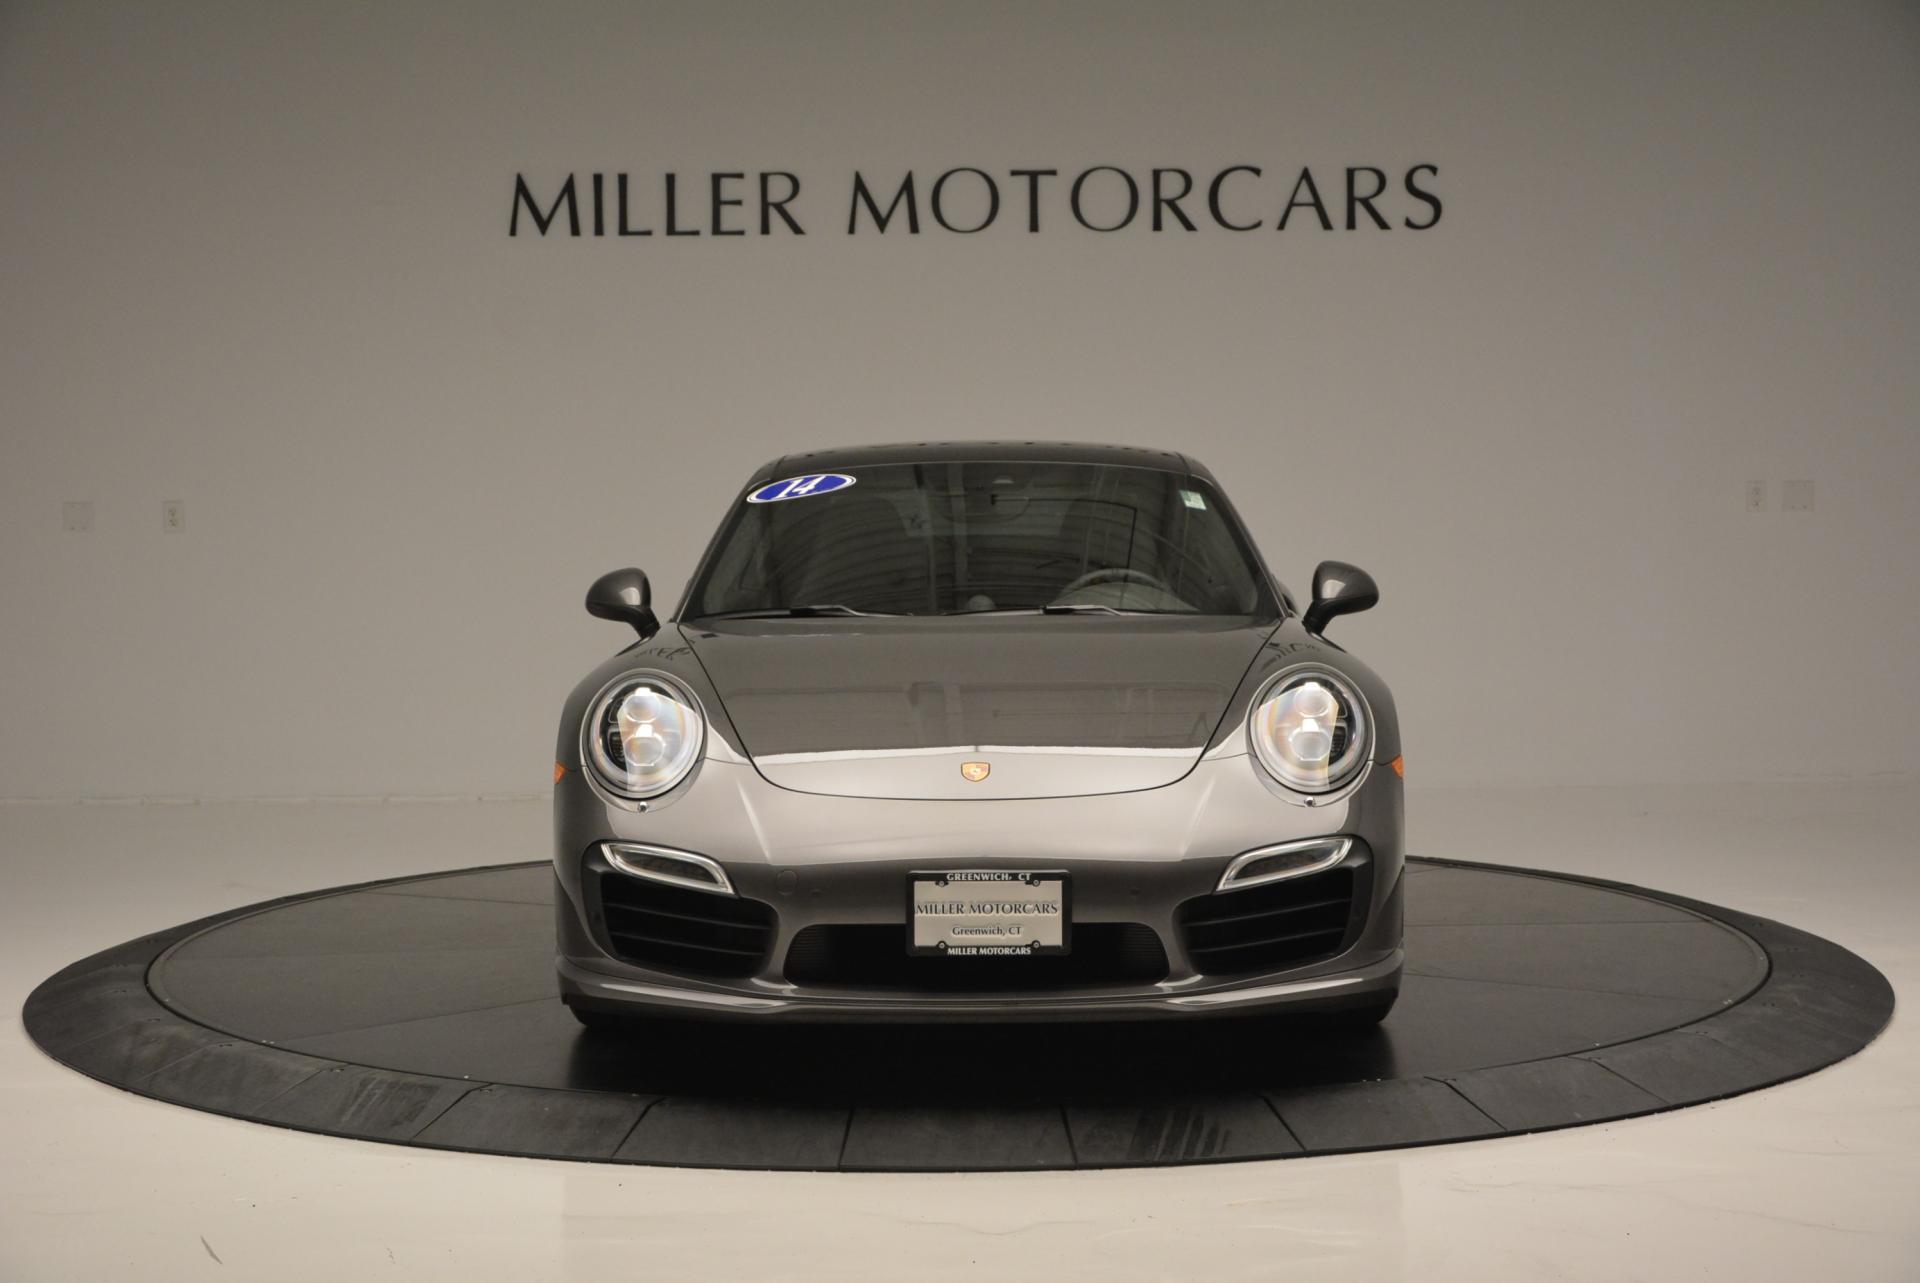 Used 2014 Porsche 911 Turbo S For Sale In Westport, CT 113_p11